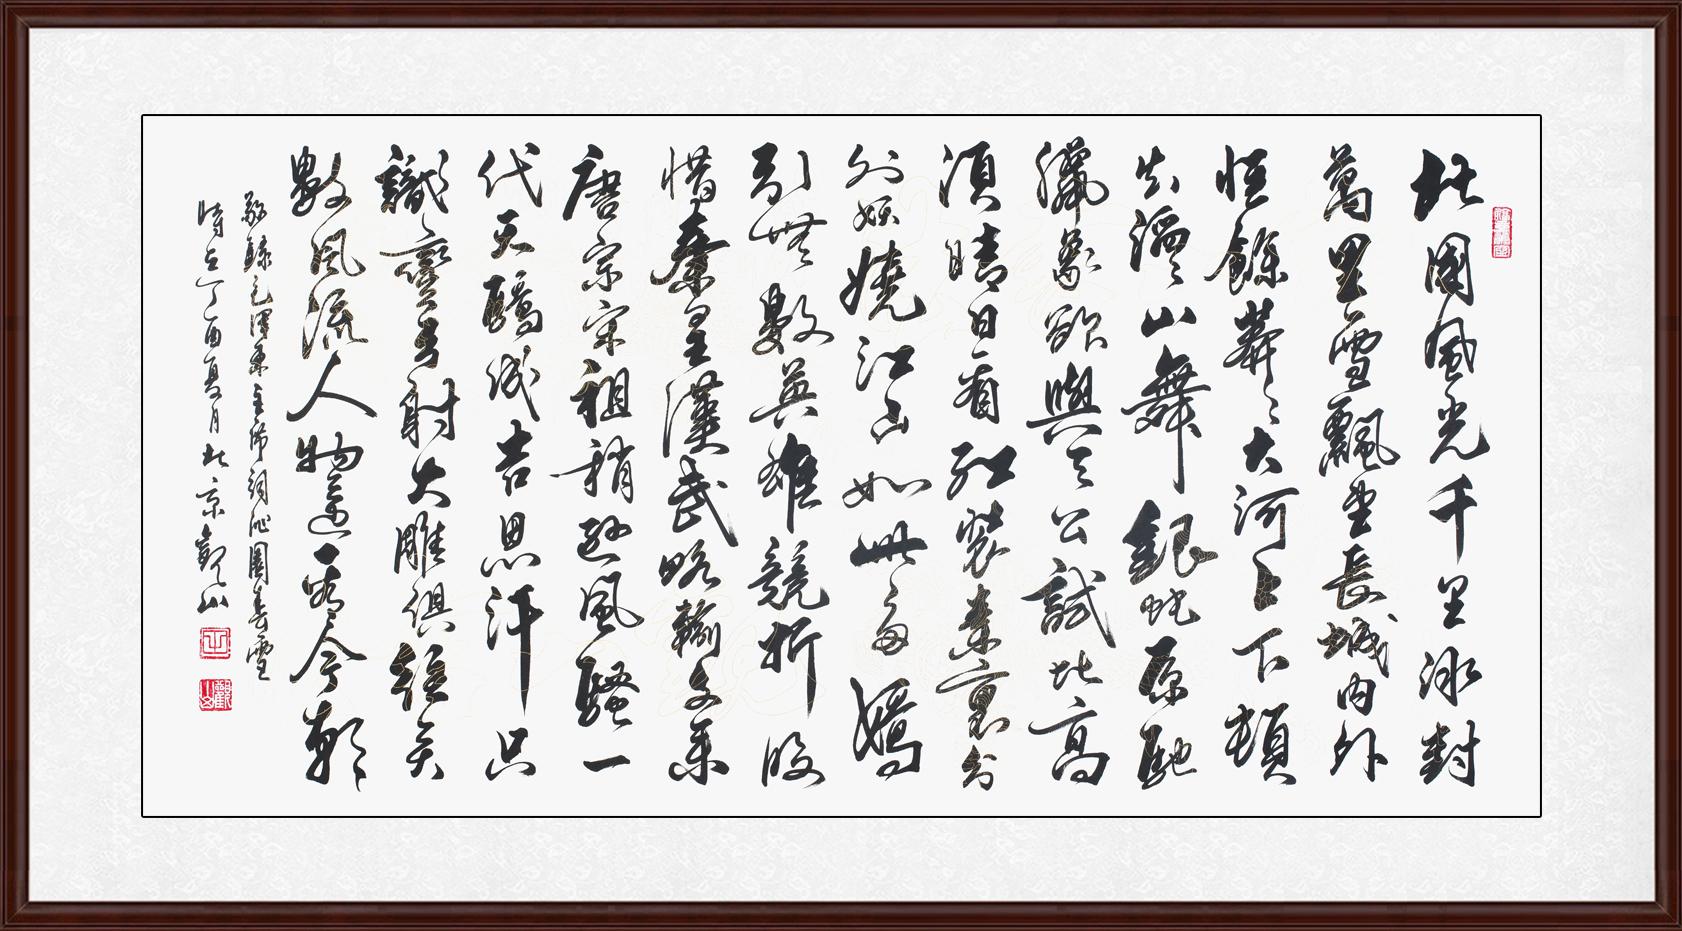 沁园春雪书法6幅 不同书体呈现不同的气势图片